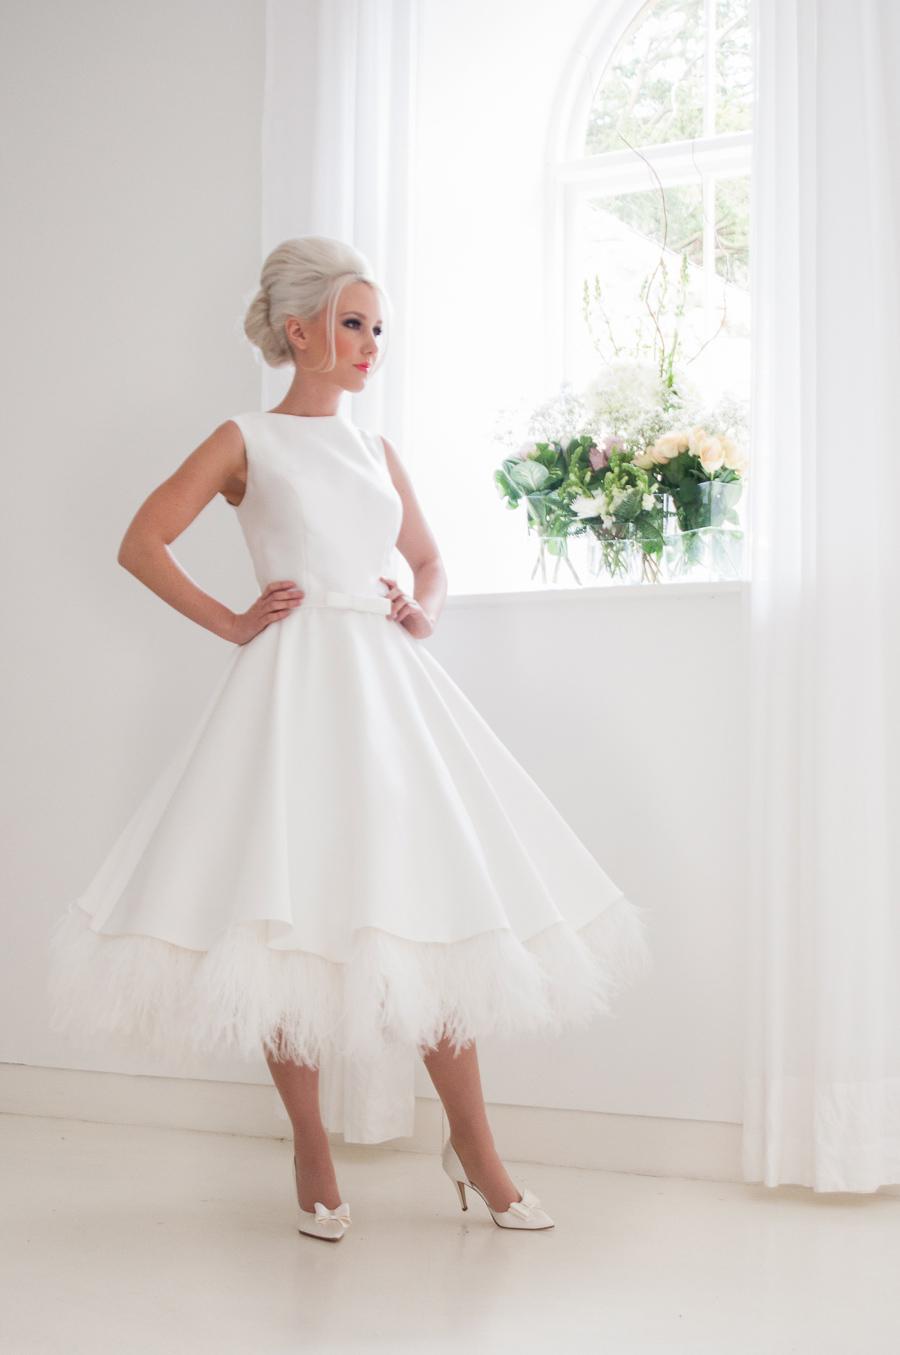 Wedding Dresses For Older Brides 2Nd Marriage | wedding dresses cold